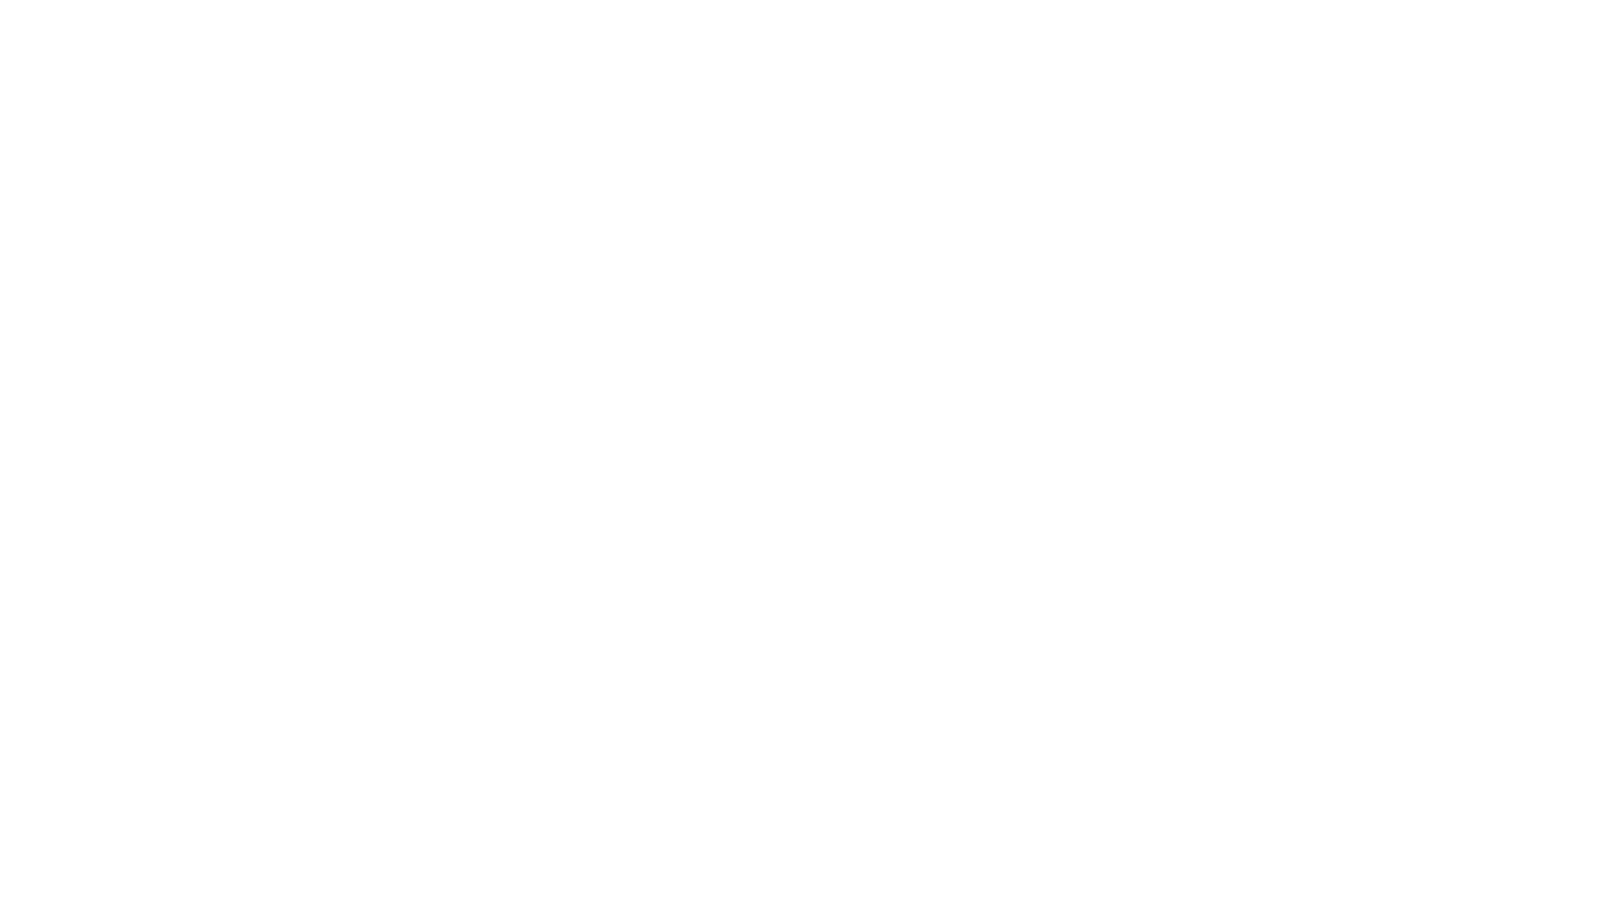 Forum KIM (FKIM) Kota Malang dan Dinas Komunikasi dan Informatika (Diskominfo) Kota Malang masih terus melanjutkan giat terkait dengan Penguatan Kapasitas Organisasi KIM Kota Malang dengan melakukan penyerahan Buku Administrasi ke beberapa KIM yang ada di kota Malang. Jumat (24/07/2020), FKIM Kota Malang dan Diskominfo menyerahkan buku administrasi ke 3 KIM sekaligus, yaitu KIM Gerabah Kelurahan Penanggungan, KIM Gandang Kelurahan Kedung Kandang, dan KIM Purwoagung Kelurahan Purwantoro.  Dalam penyerahan buku administrasi dihadiri Ketua FKIM Kota Malang, Pantjawati Yustikarini, S.Sos, M.AB dan Febrian Retnosari, SE, M.Si, Kasi Pengelolaan dan Kemitraan selaku perwakilan dari Diskominfo Kota Malang.  Penyerahan buku administrasi ke setiap KIM diterima langsung oleh ketua setiap KIM. Di KIM Gerabah buku administrasi KIM diserahkan ke Ketua KIM Gerabah, Kuncoro Puspito. Di KIM Gandang diserahkan ke ketua KIM Gandang, Mujahidi Fillah. Yang terakhir, ke KIM Purwoagung diserahkan ke Ketua KIM Purwoagung, Nikmatul Hikmah.  Di setiap kantor kelurahan pun setiap orang wajib mengikuti standar protokol kesehatan penanggulangan Covid-19.  Melalui penyerahan 14 Buku Administrasi ke 3 KIM, baik di KIM Gerabah, KIM Gandang, maupun KIM Purwoagung, diharapkan KIM dapat termotivasi dan semangat dalam bergiat di masyarakat untuk KIM lebih baik.